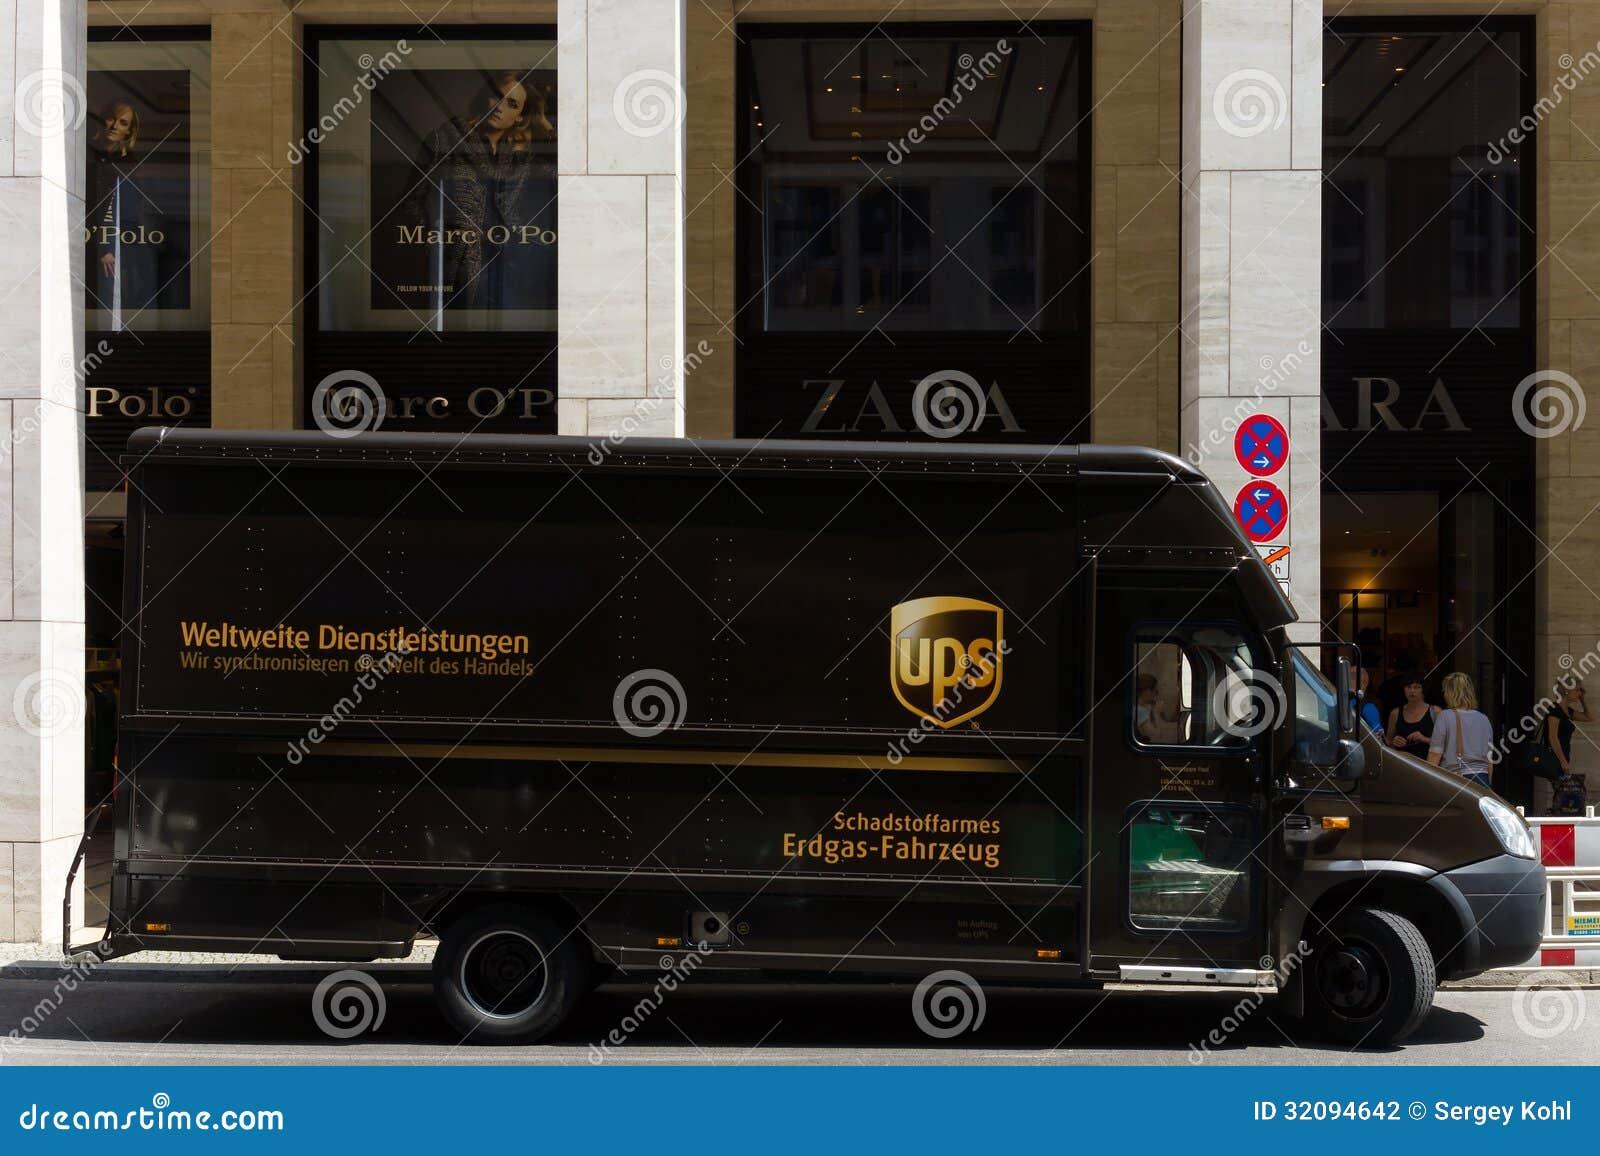 voiture d 39 entreprise united parcel service ups photographie ditorial image 32094642. Black Bedroom Furniture Sets. Home Design Ideas